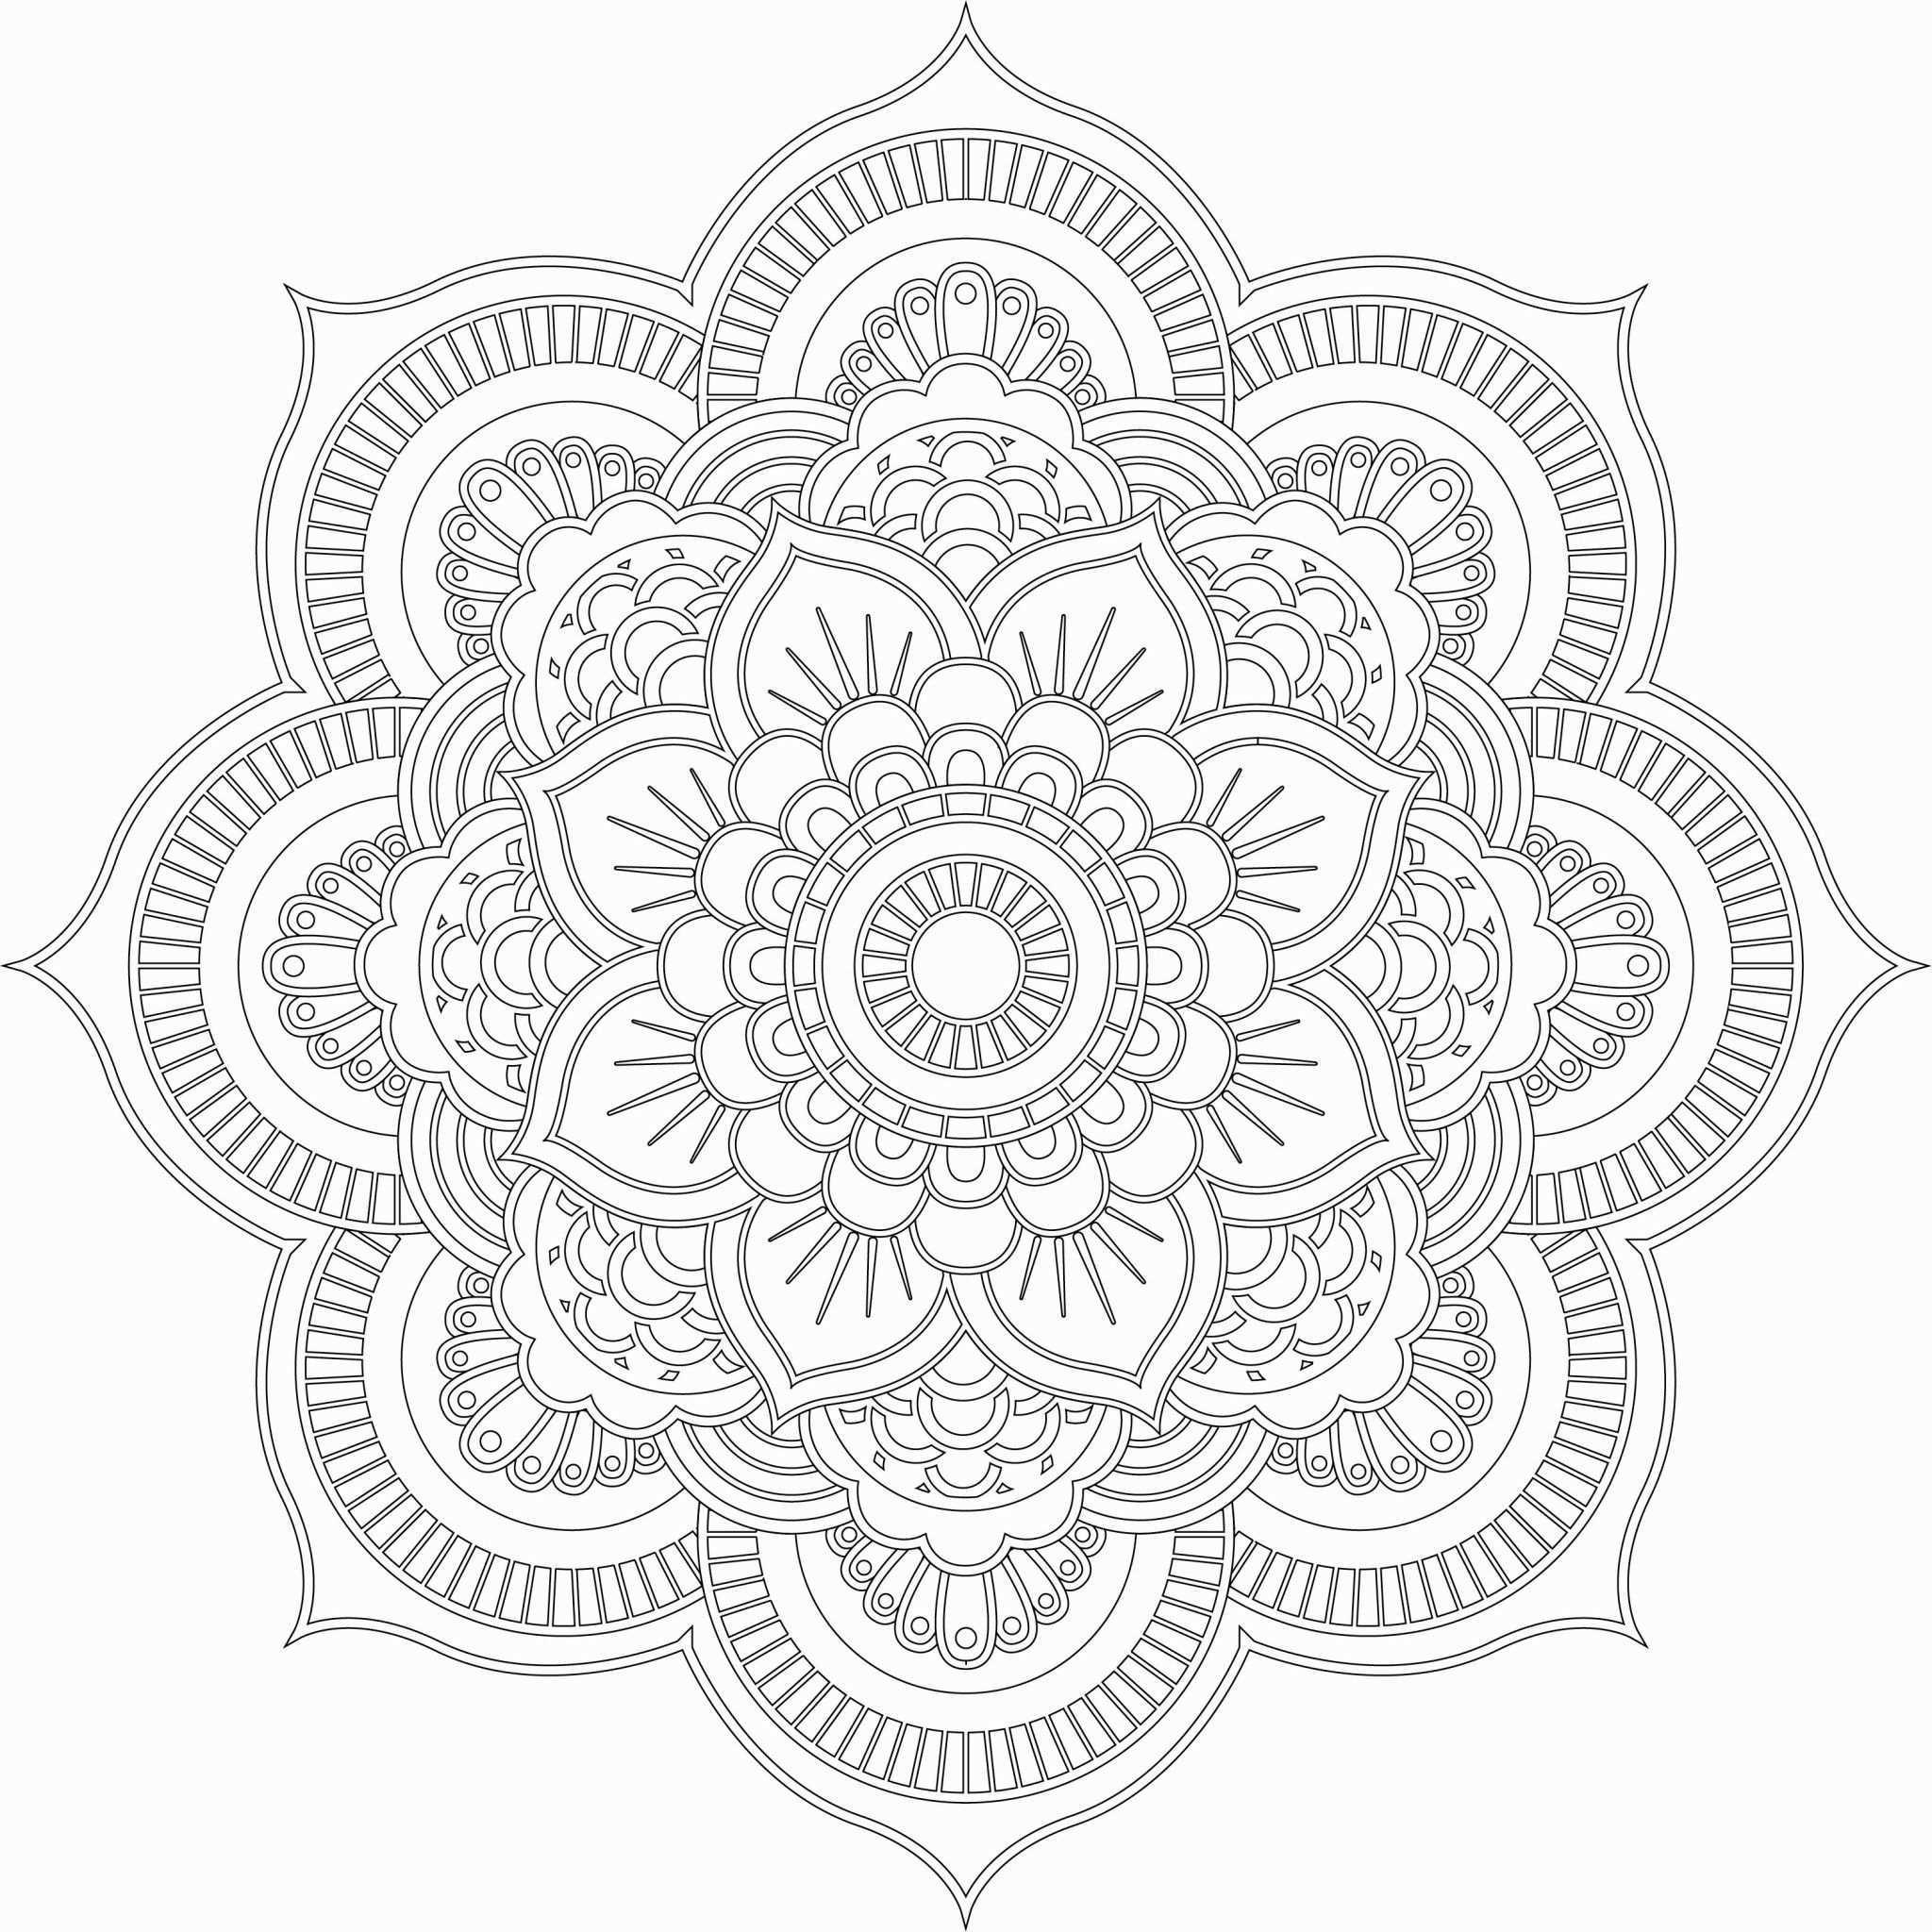 57 Jpg File Shared From Box Kostenlose Erwachsenen Malvorlagen Kostenlose Ausmalbilder Mandala Vorlagen